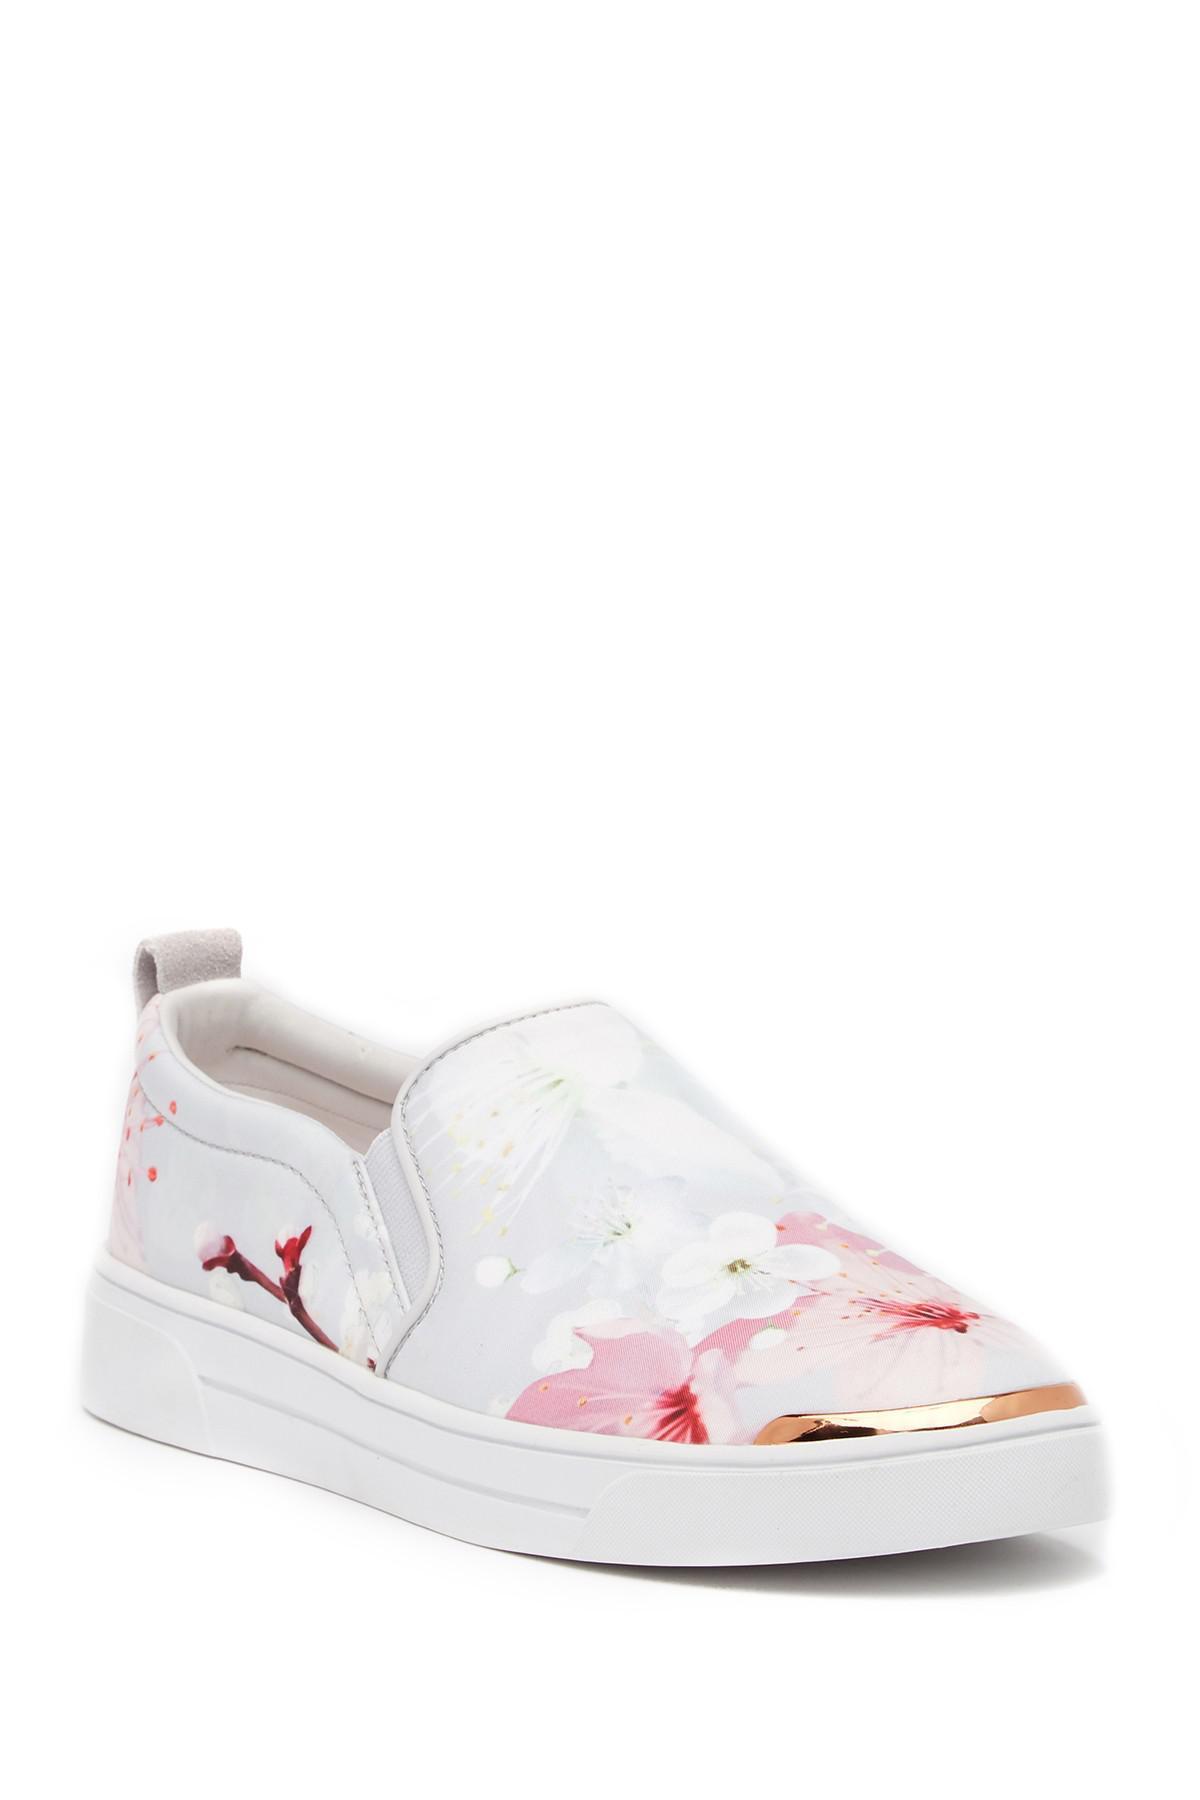 Ted Baker Rubber Tancey Floral Slip-on